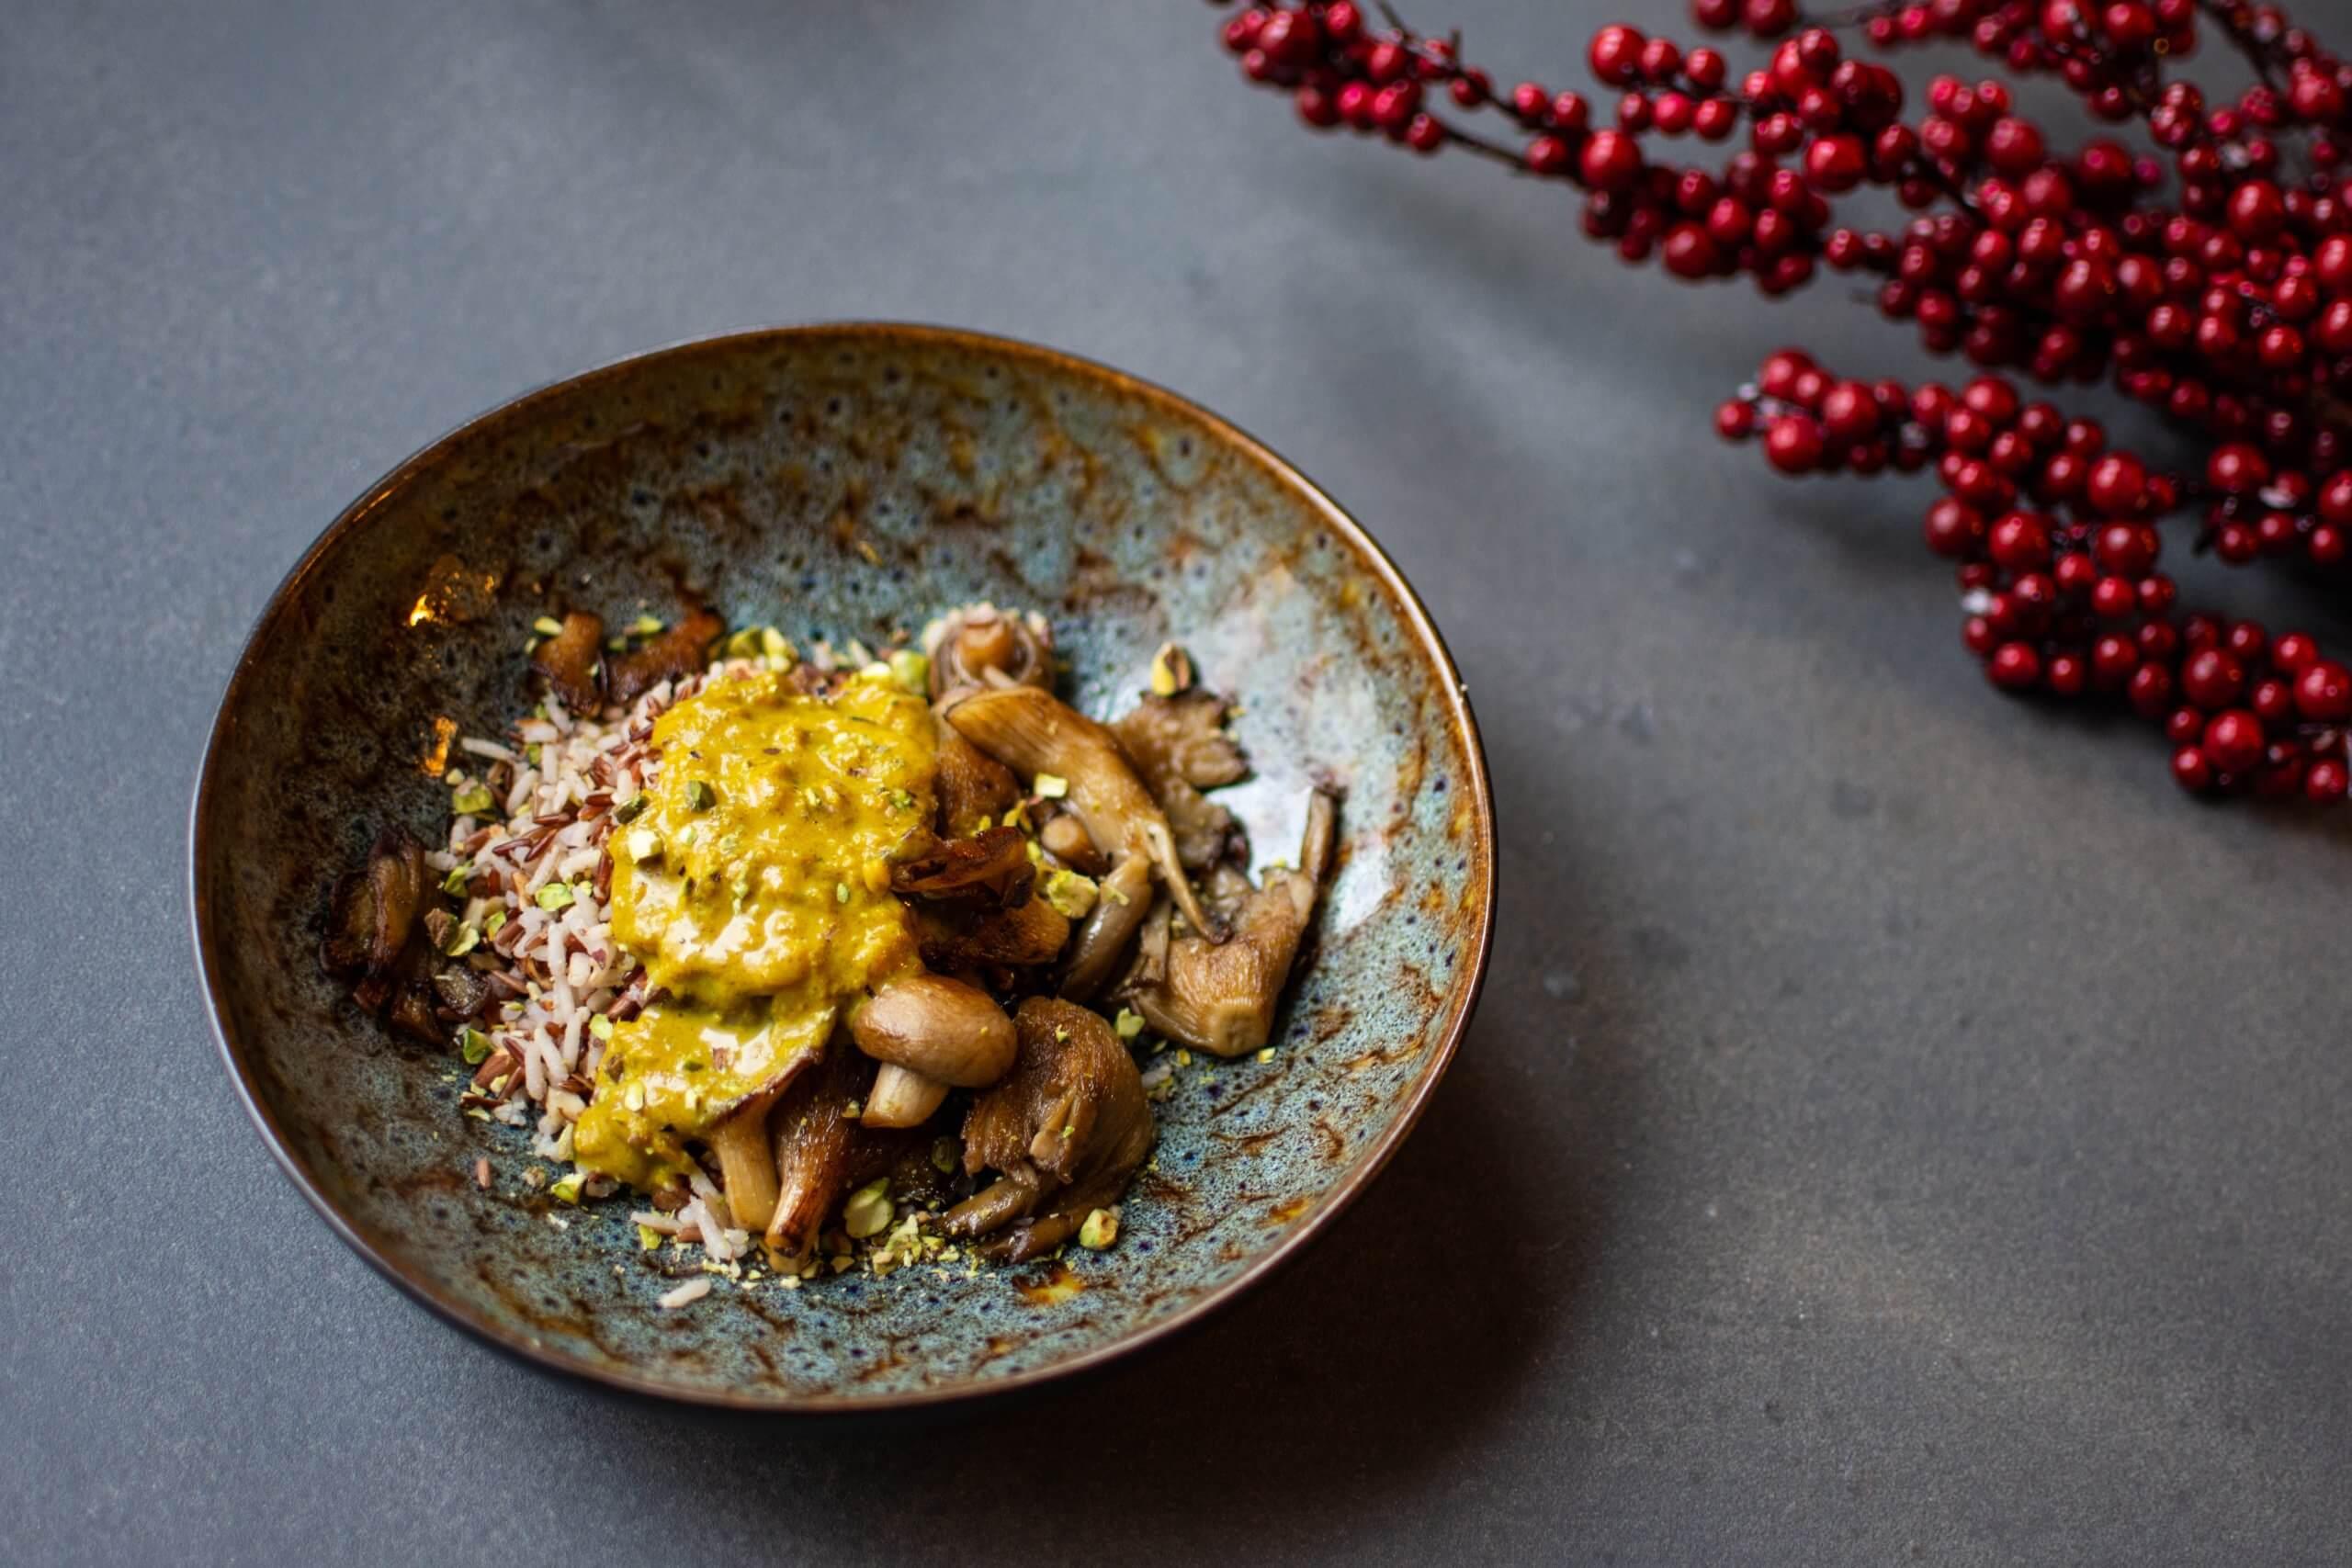 Timbaaltje van wilde rijst, gehakte noten, kerriesaus, oesterzwammen en spinazie